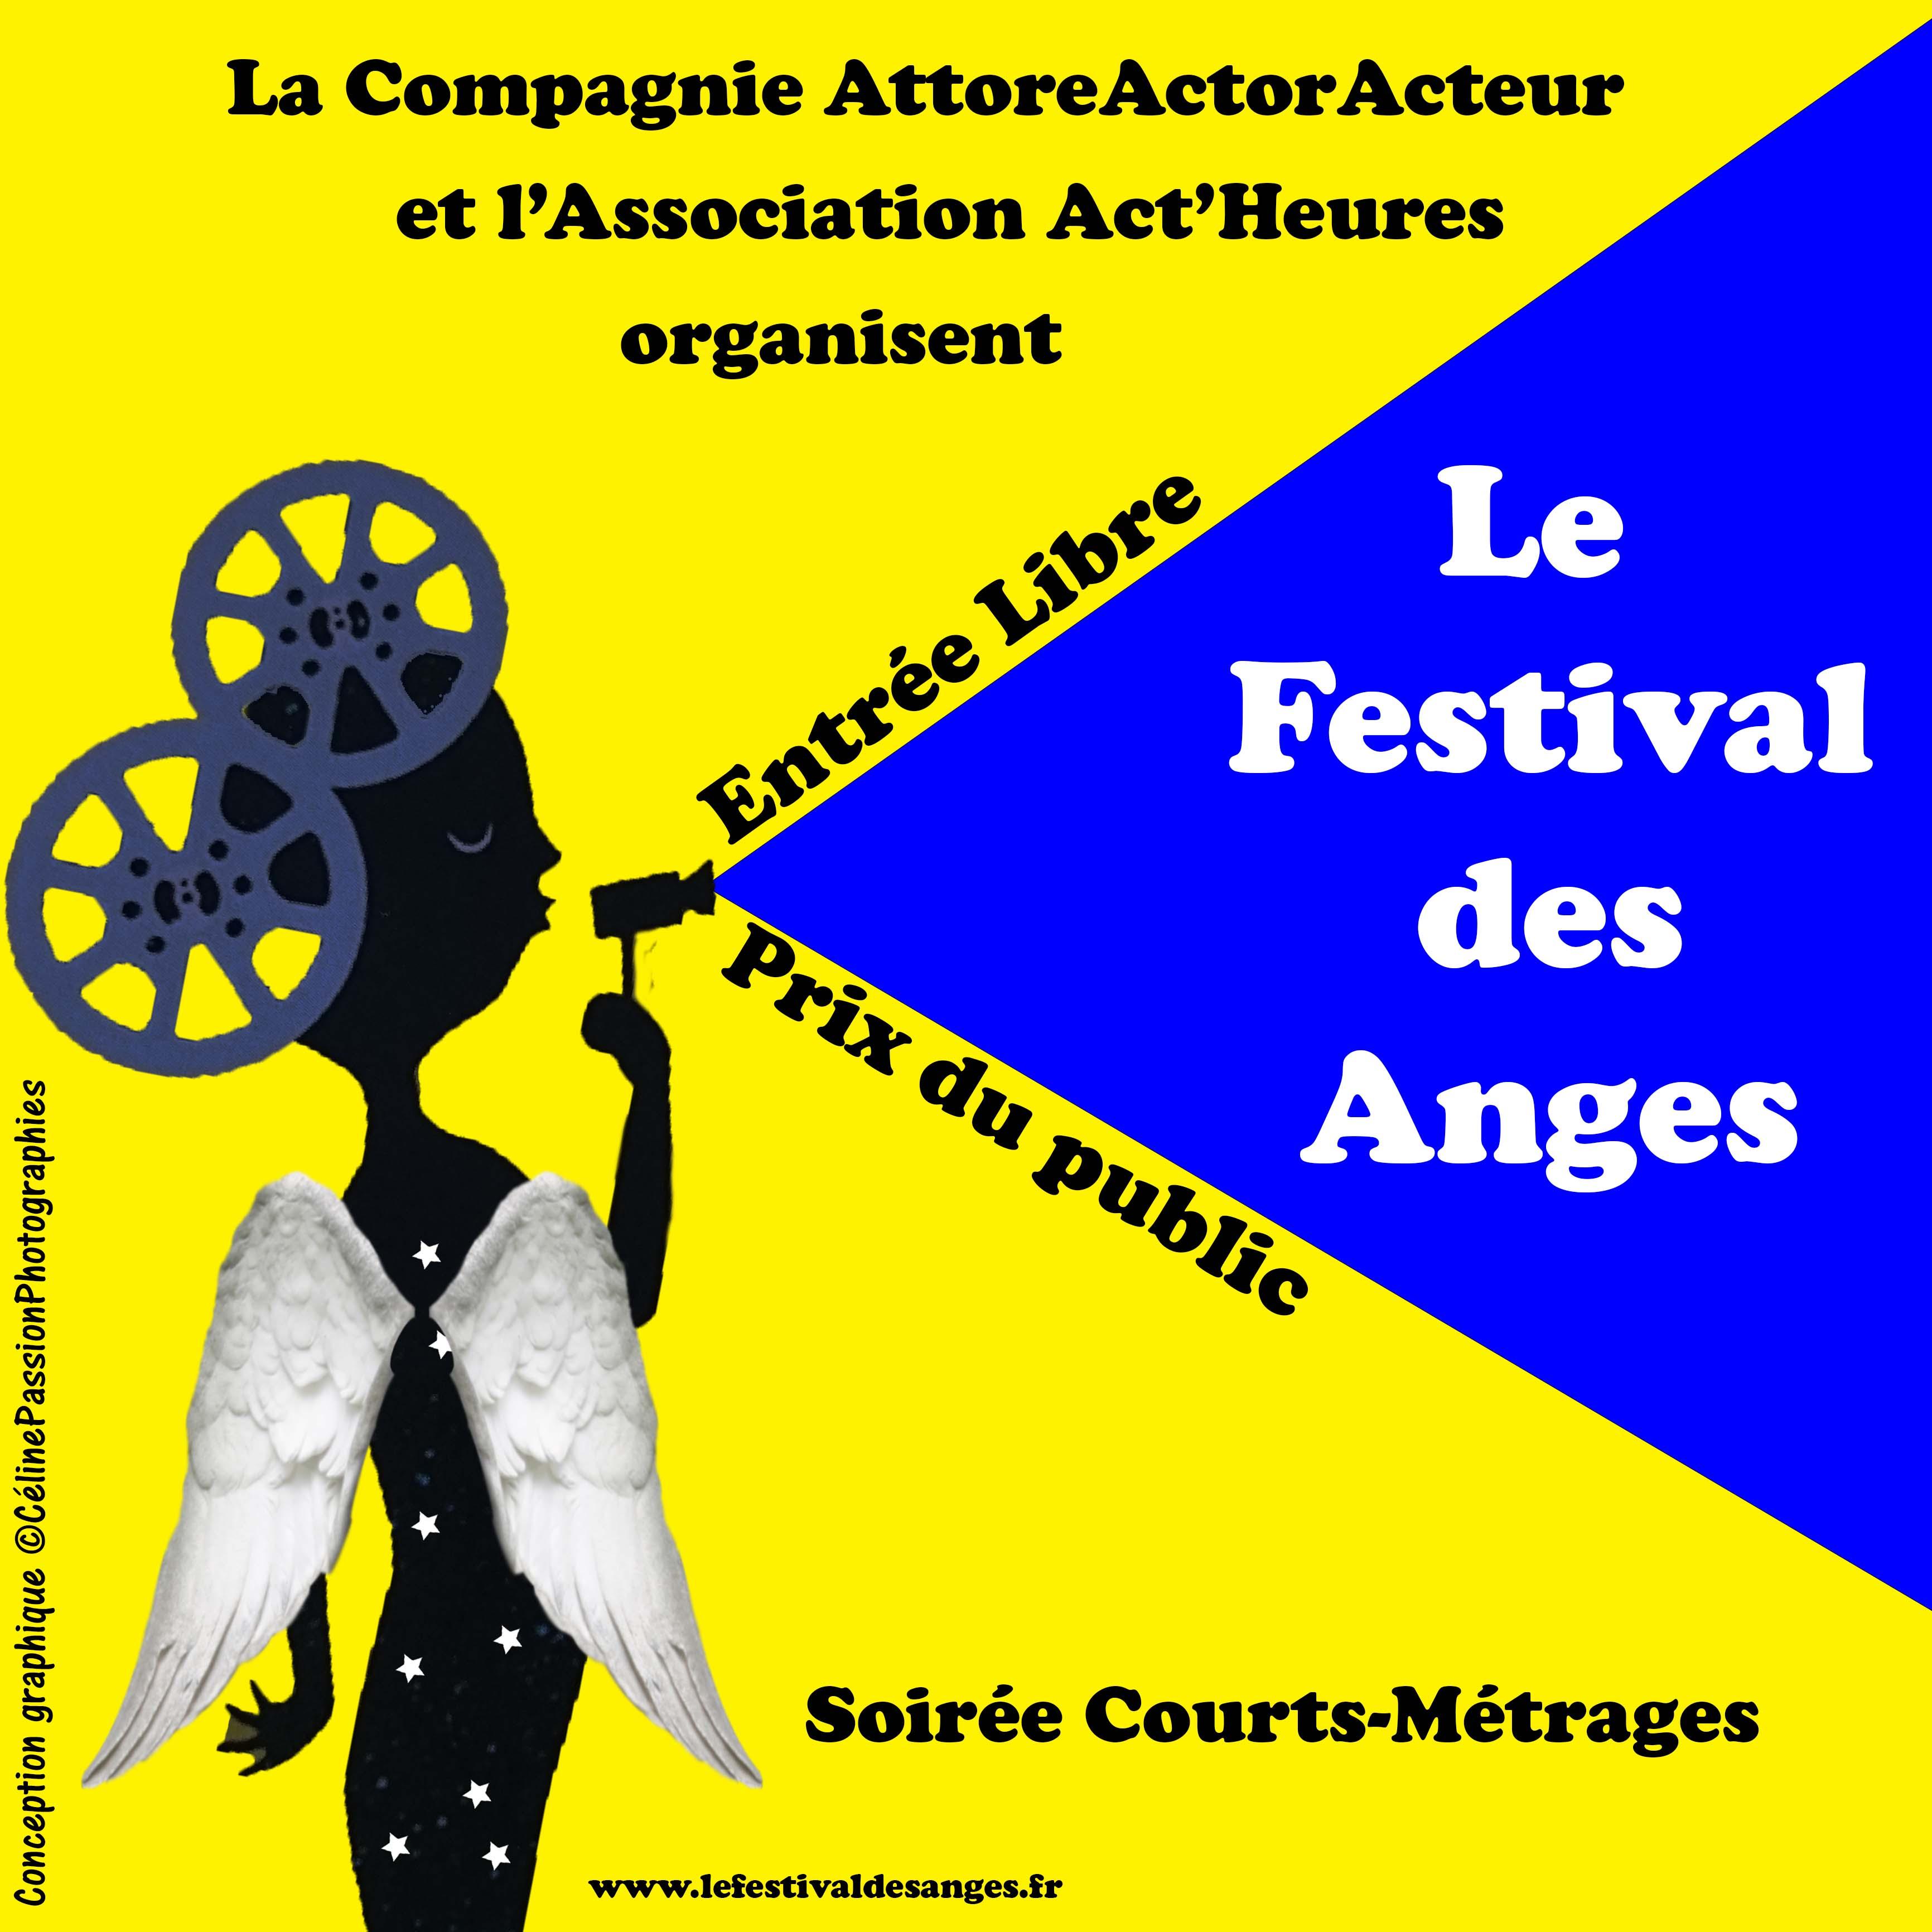 Le Festival des Anges